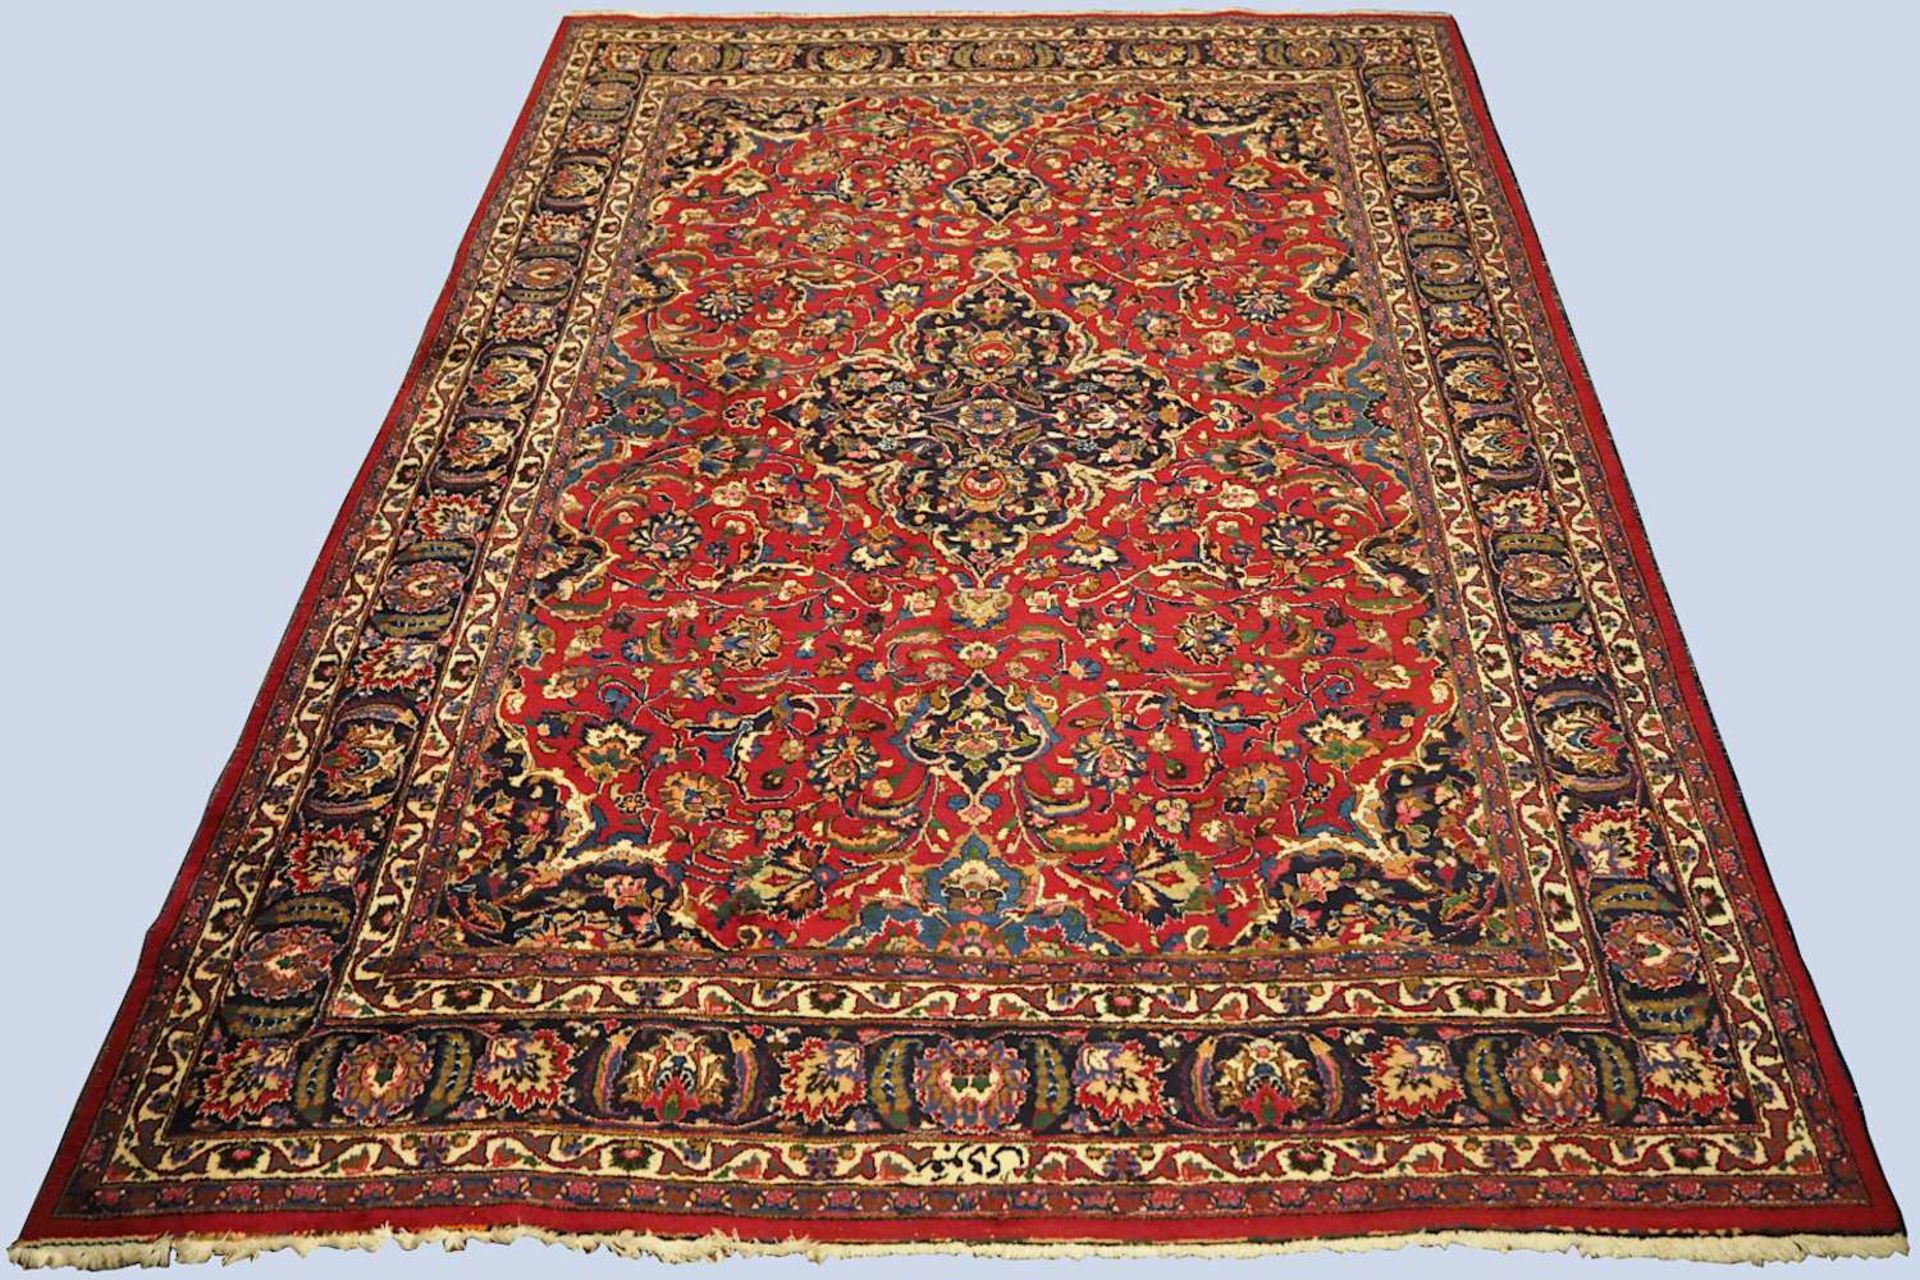 1 Orientteppich MESCHED, Iran, Wolle, 20. Jh. rotgrundig, mit blaugrundigem Mittelmeda